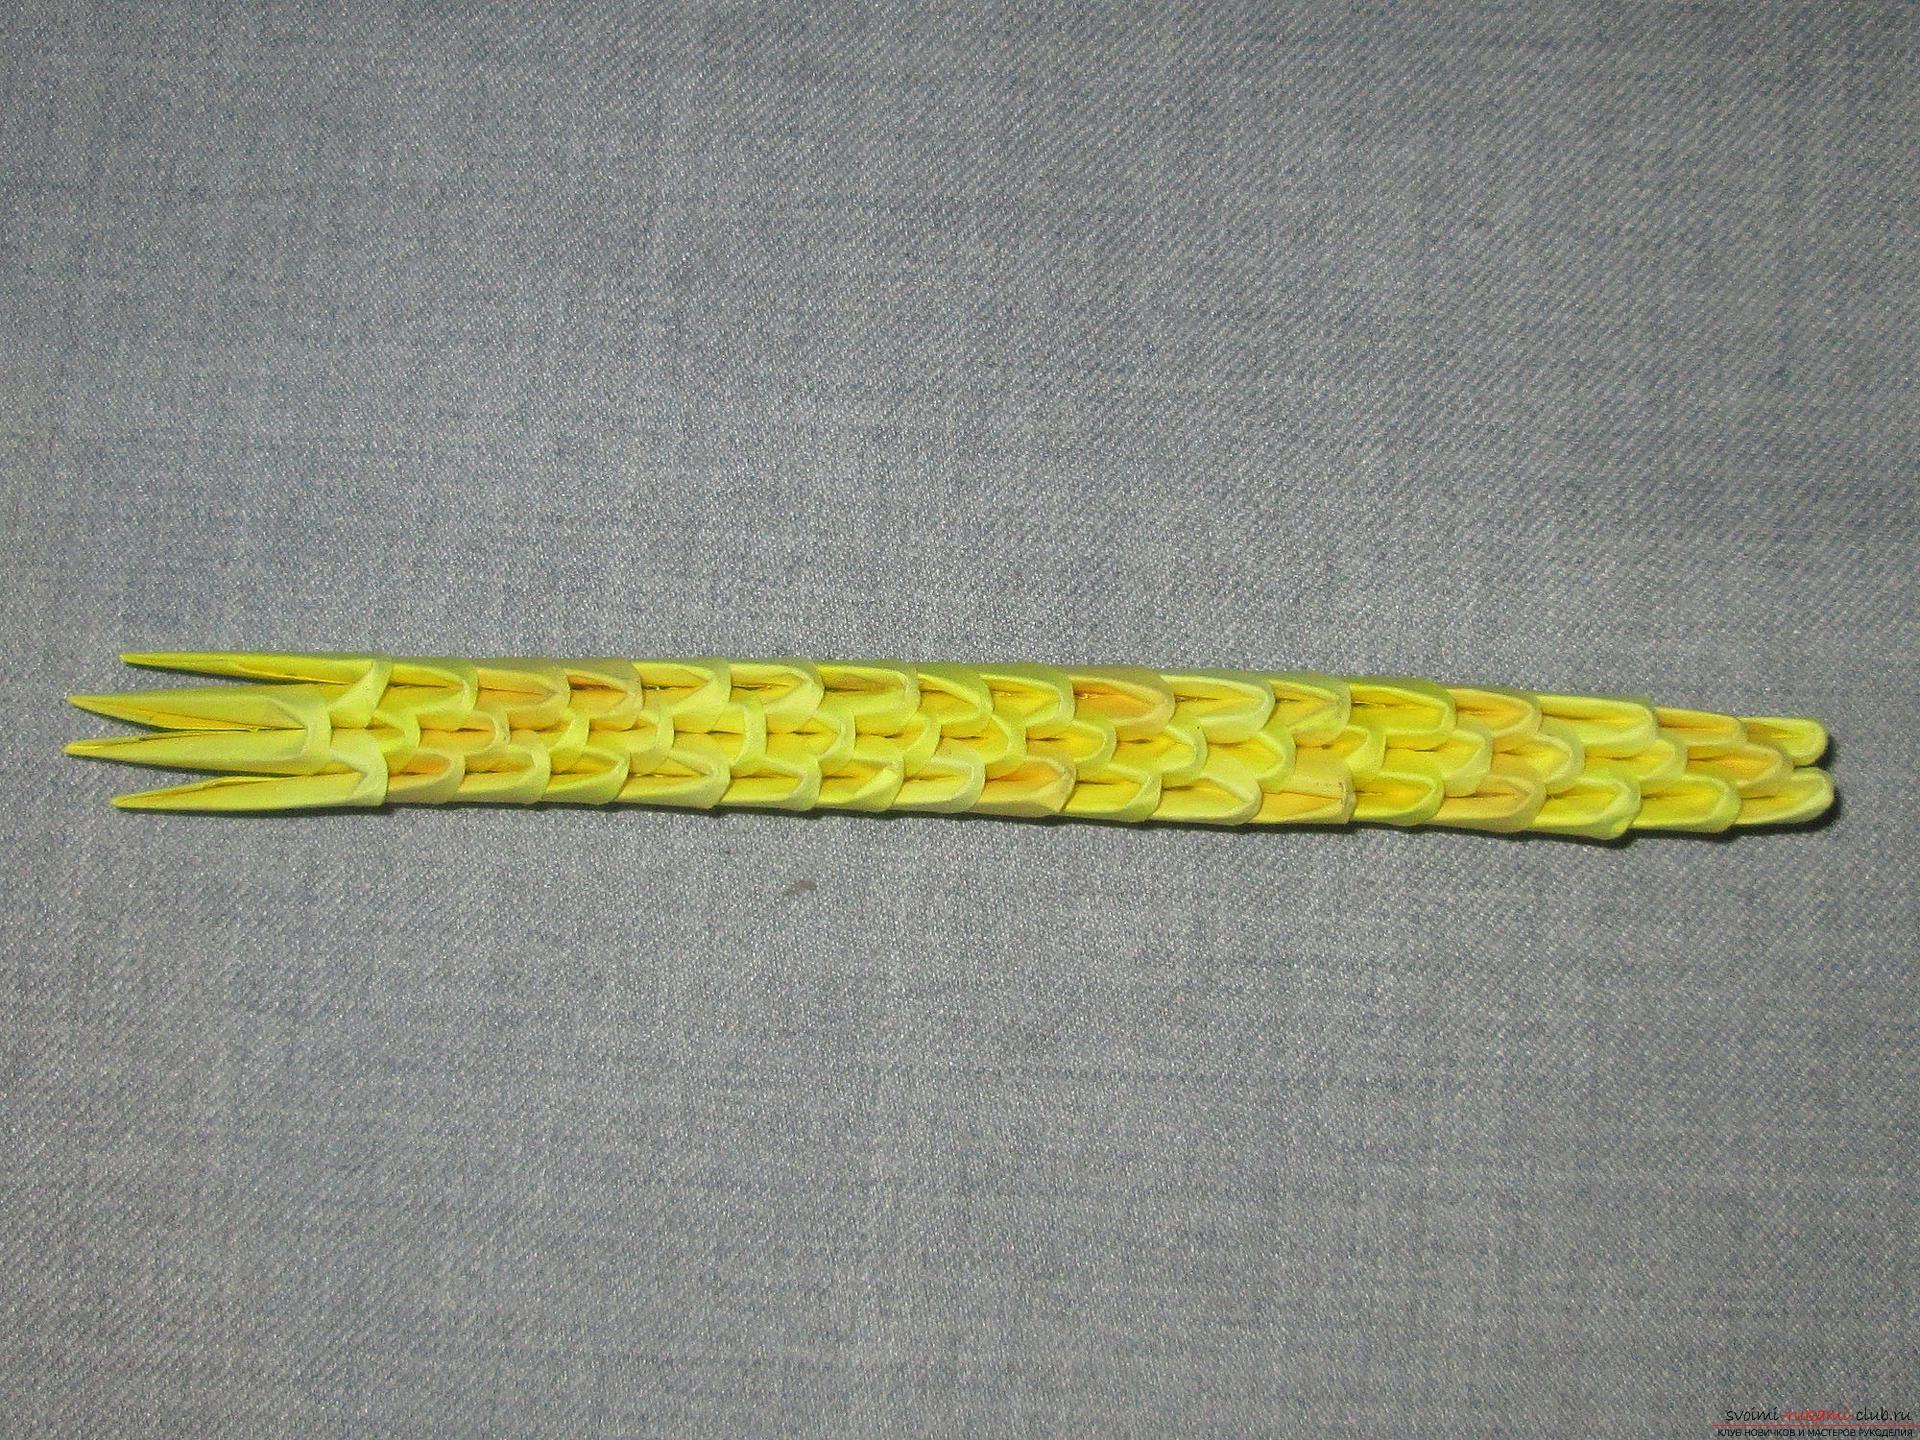 Мастер-класс с описанием и фото оригами своими руками – модульная обезьяна.. Фото №27